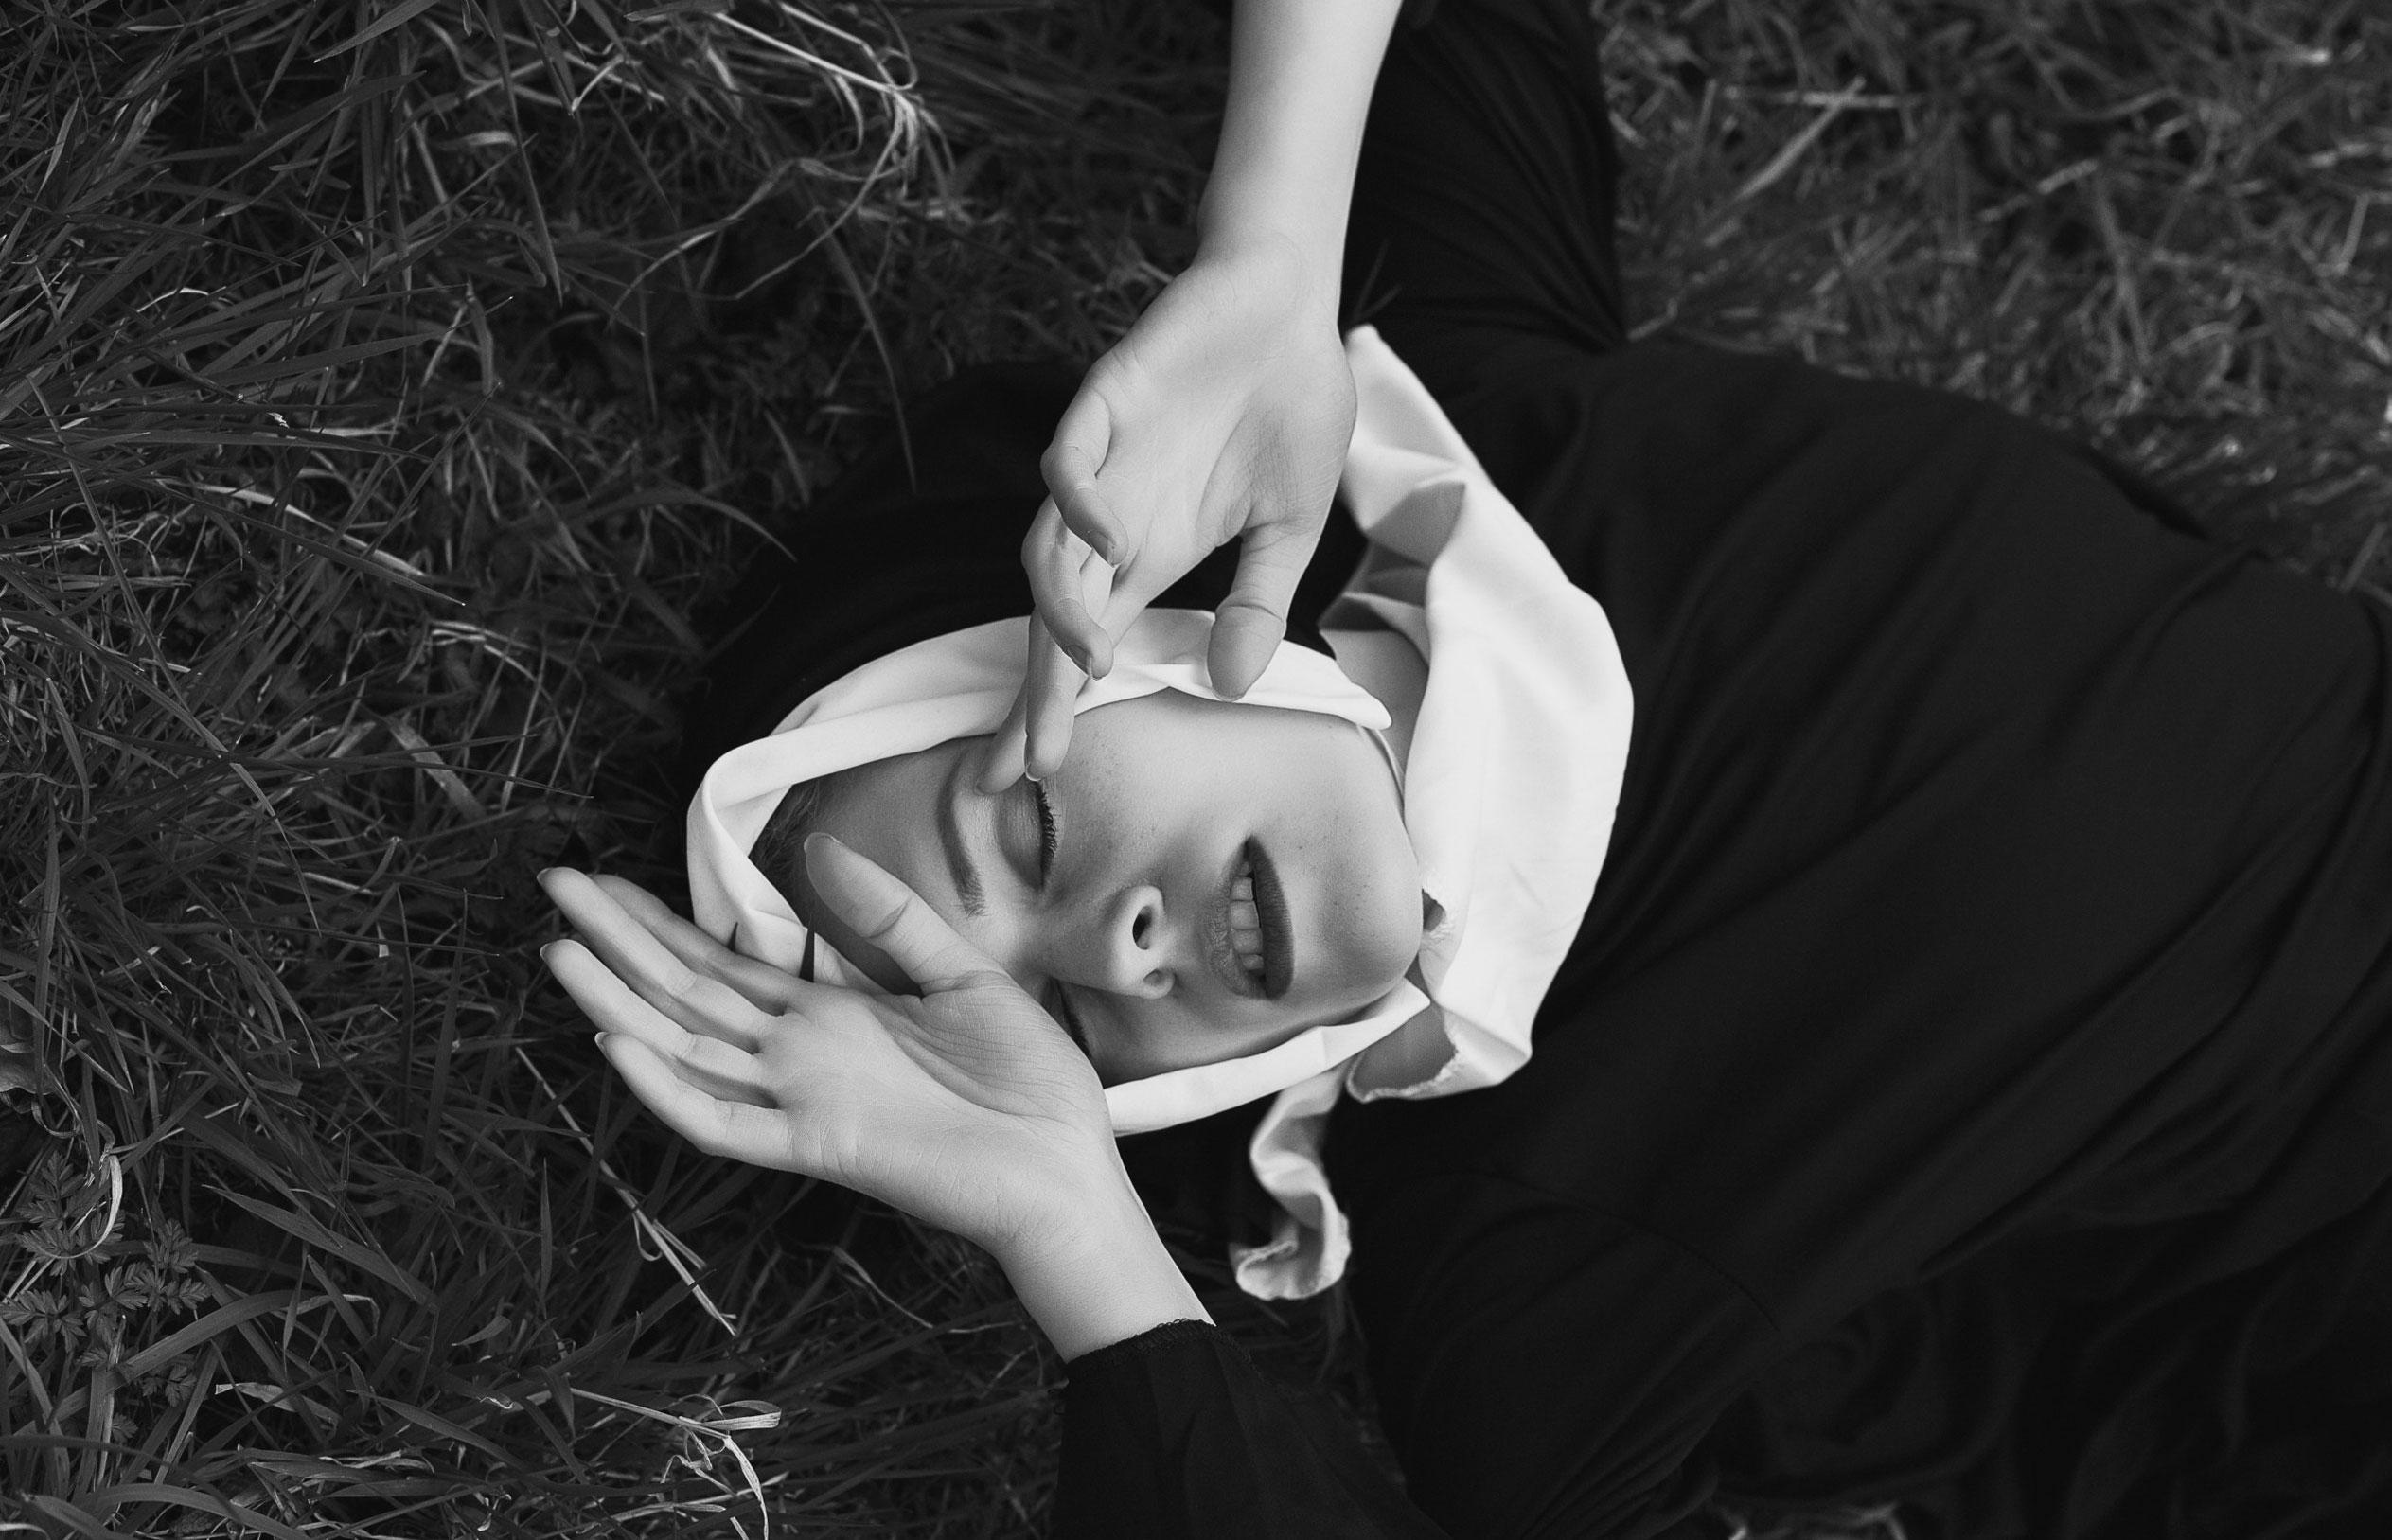 Катя Касьянова - история монашки, проигравшей в борьбе с человеческими страстями / фото 09